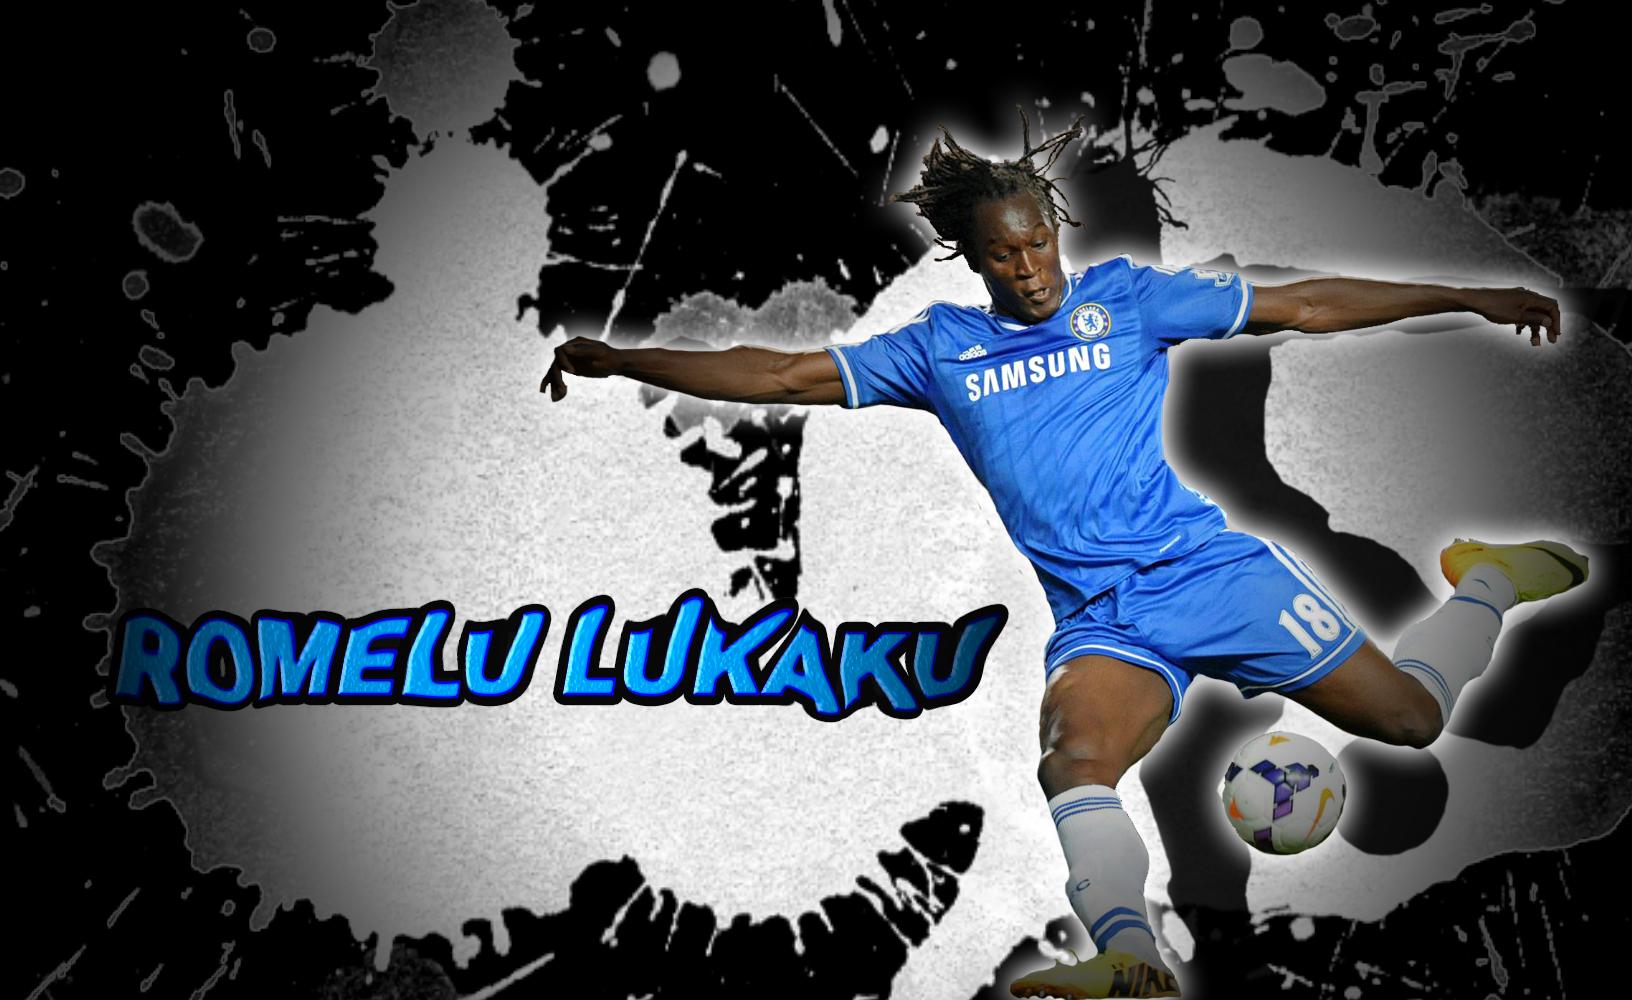 Romelu Lukaku Wallpaper By M3sutOzil On DeviantArt